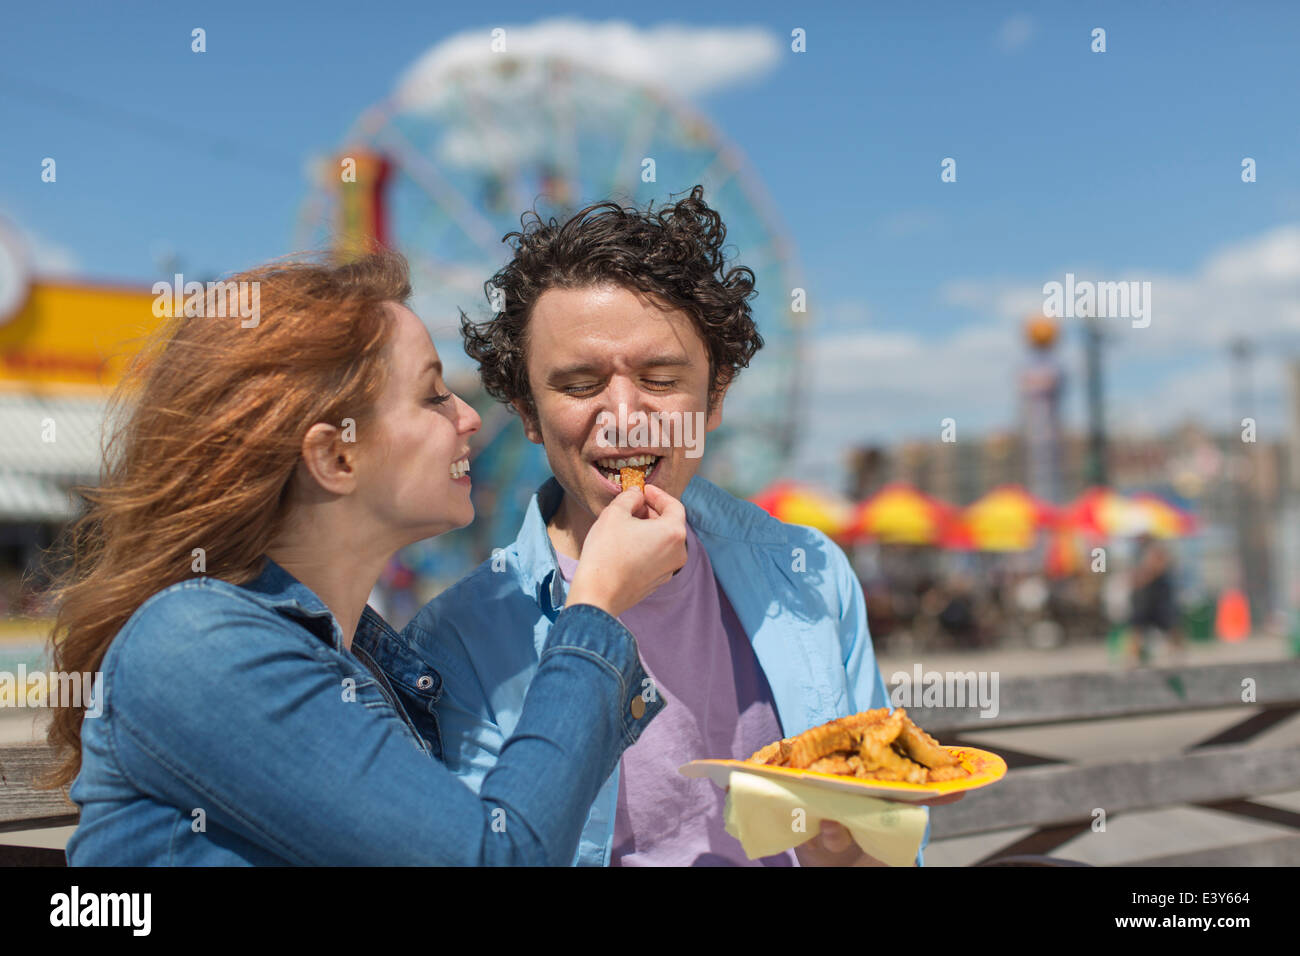 Romantisches Paar Fütterung einander Chips im Freizeitpark Stockbild